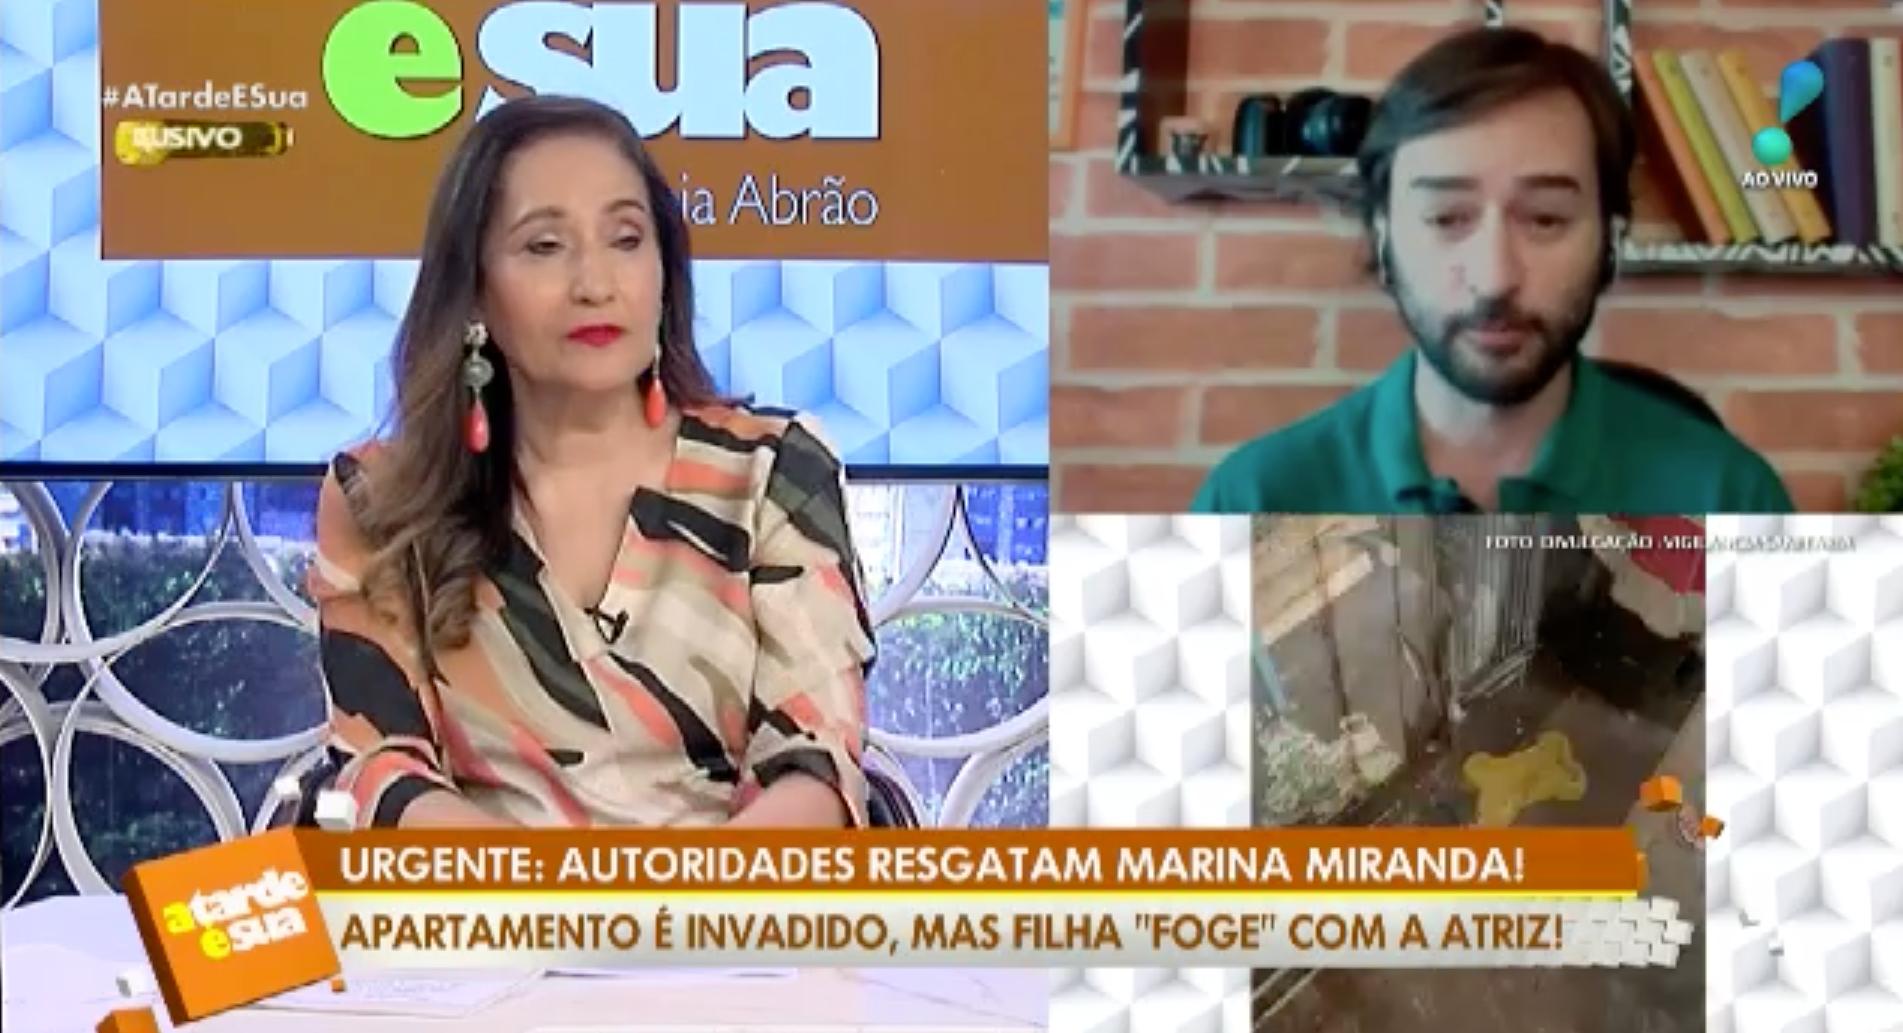 Sonia Abrão e Alessandro Lo-Bianco mostram fotos do apartamento de Marina Miranda (Foto: Reprodução)